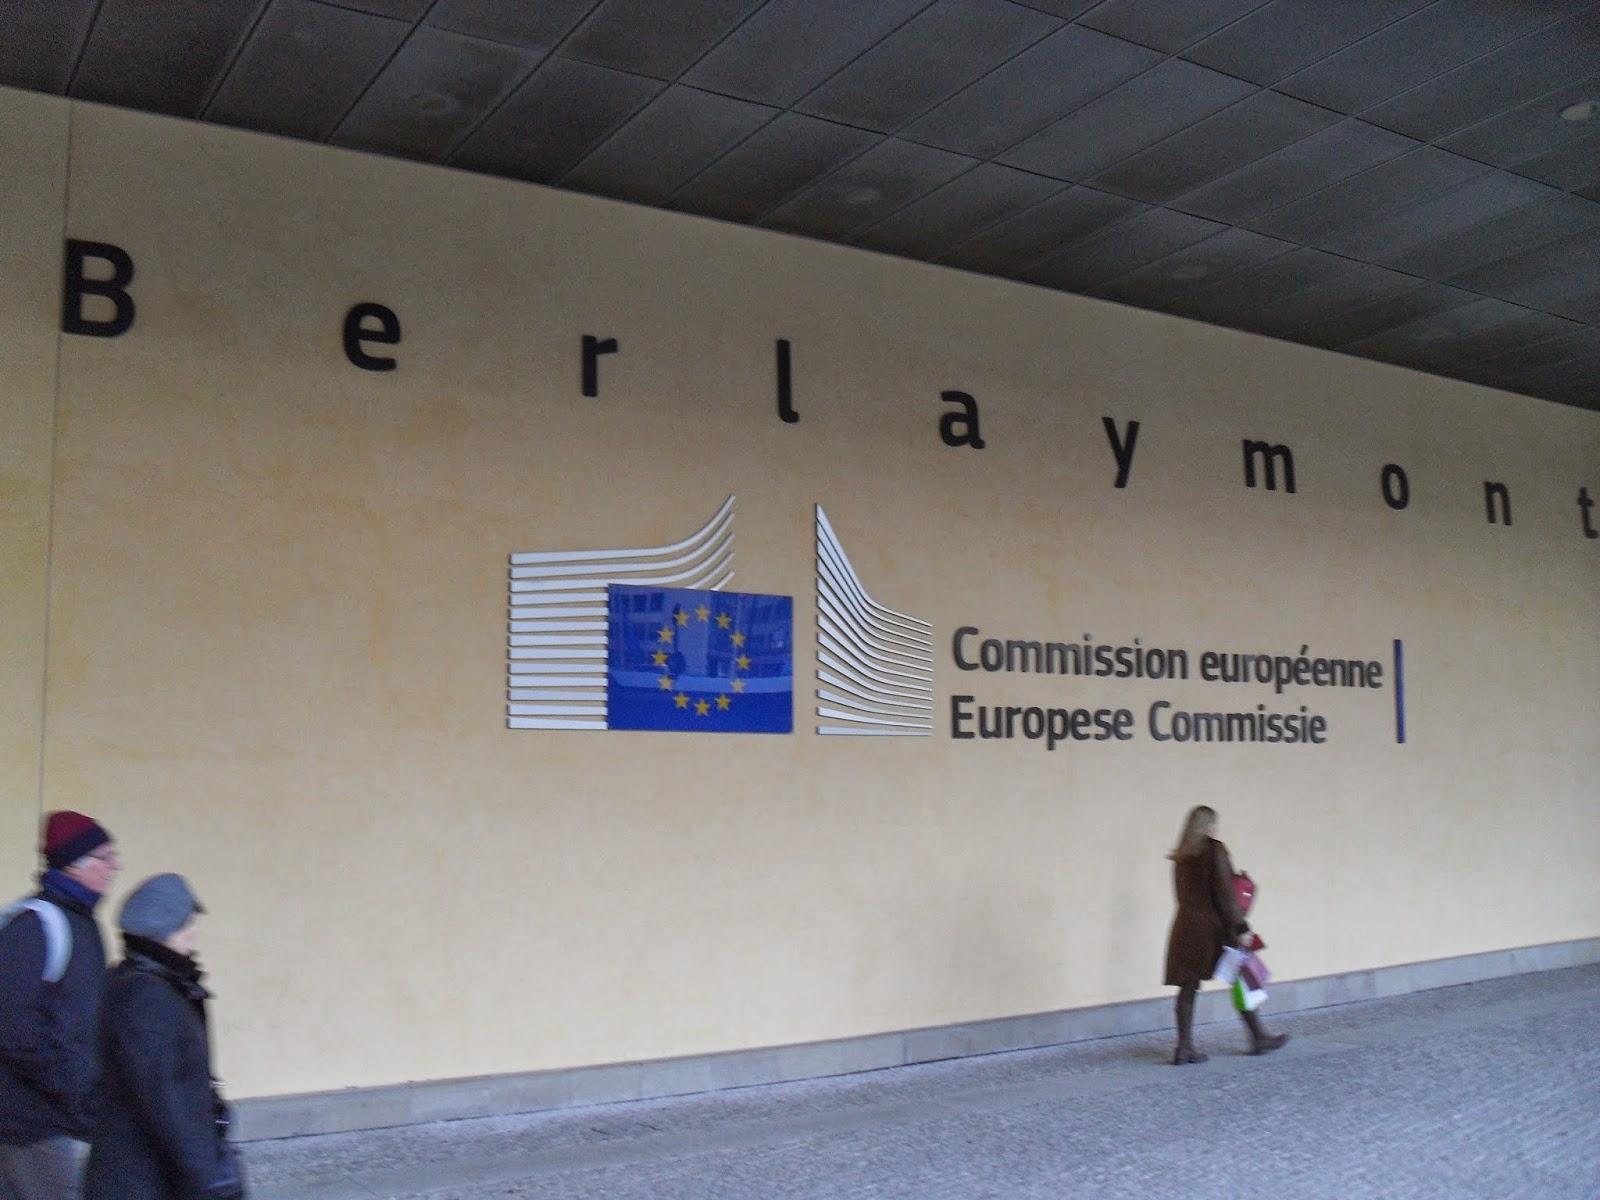 Berlaymont Bruselas